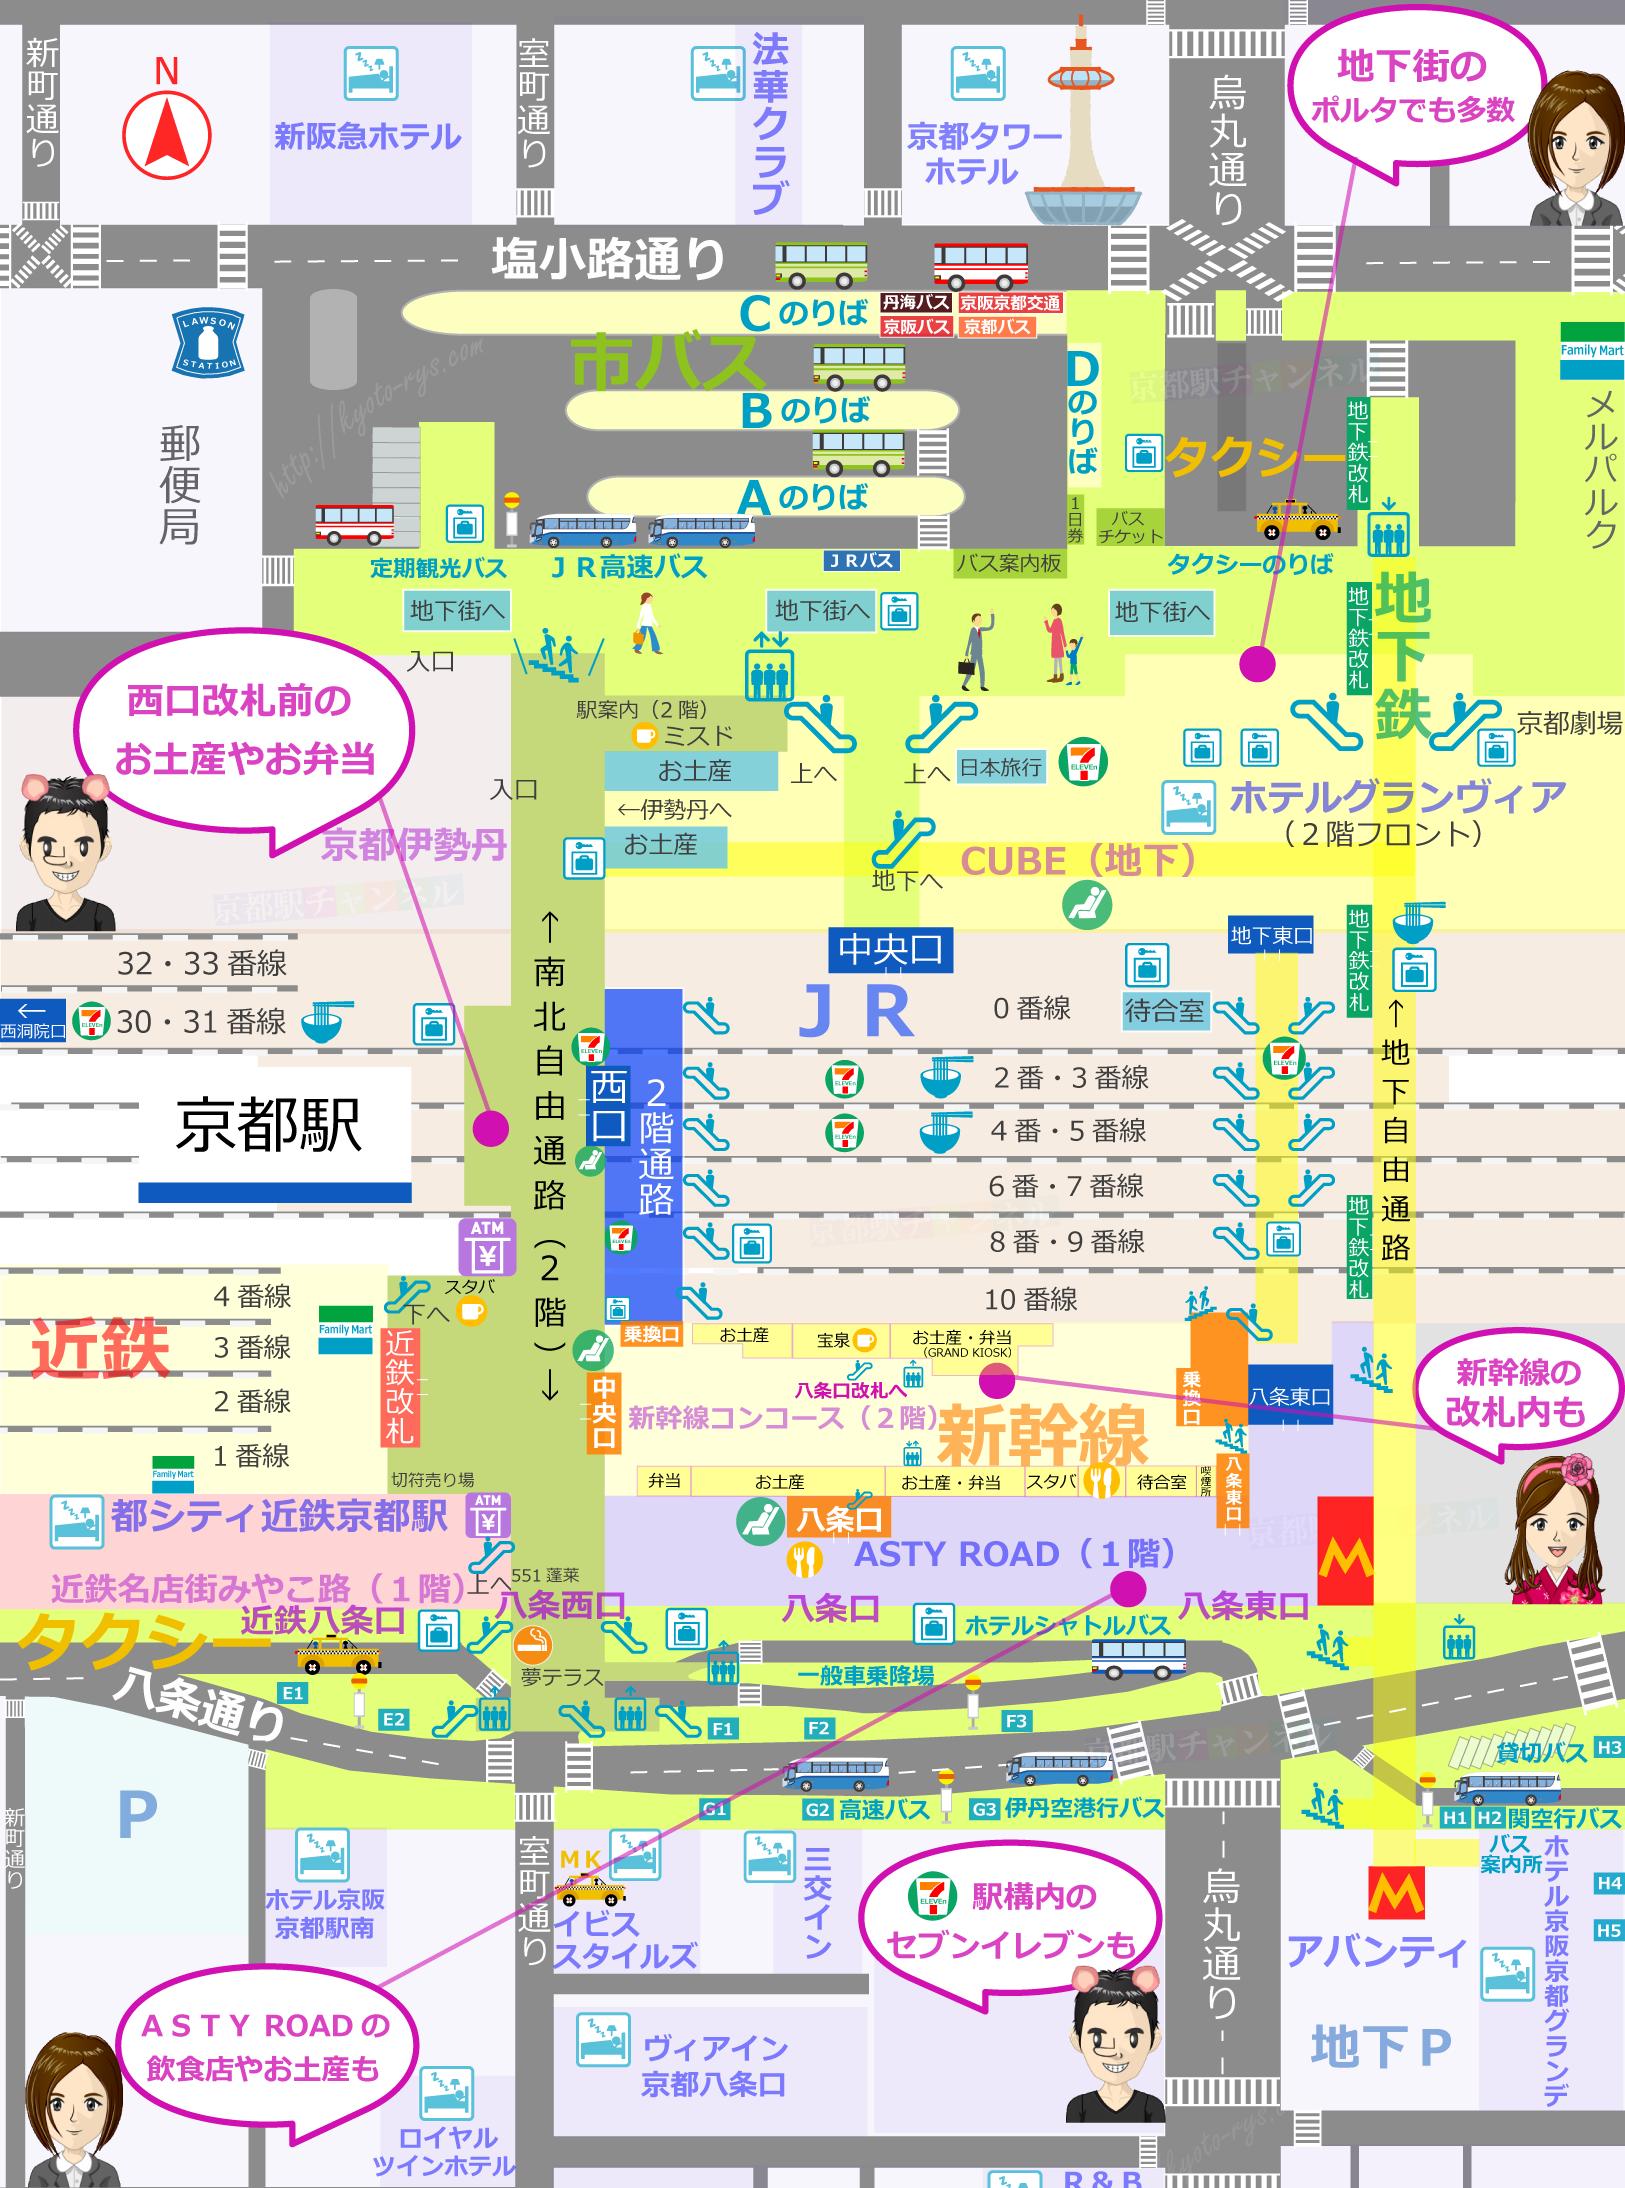 京都駅でGOTO地域共通クーポンが使えるマップ